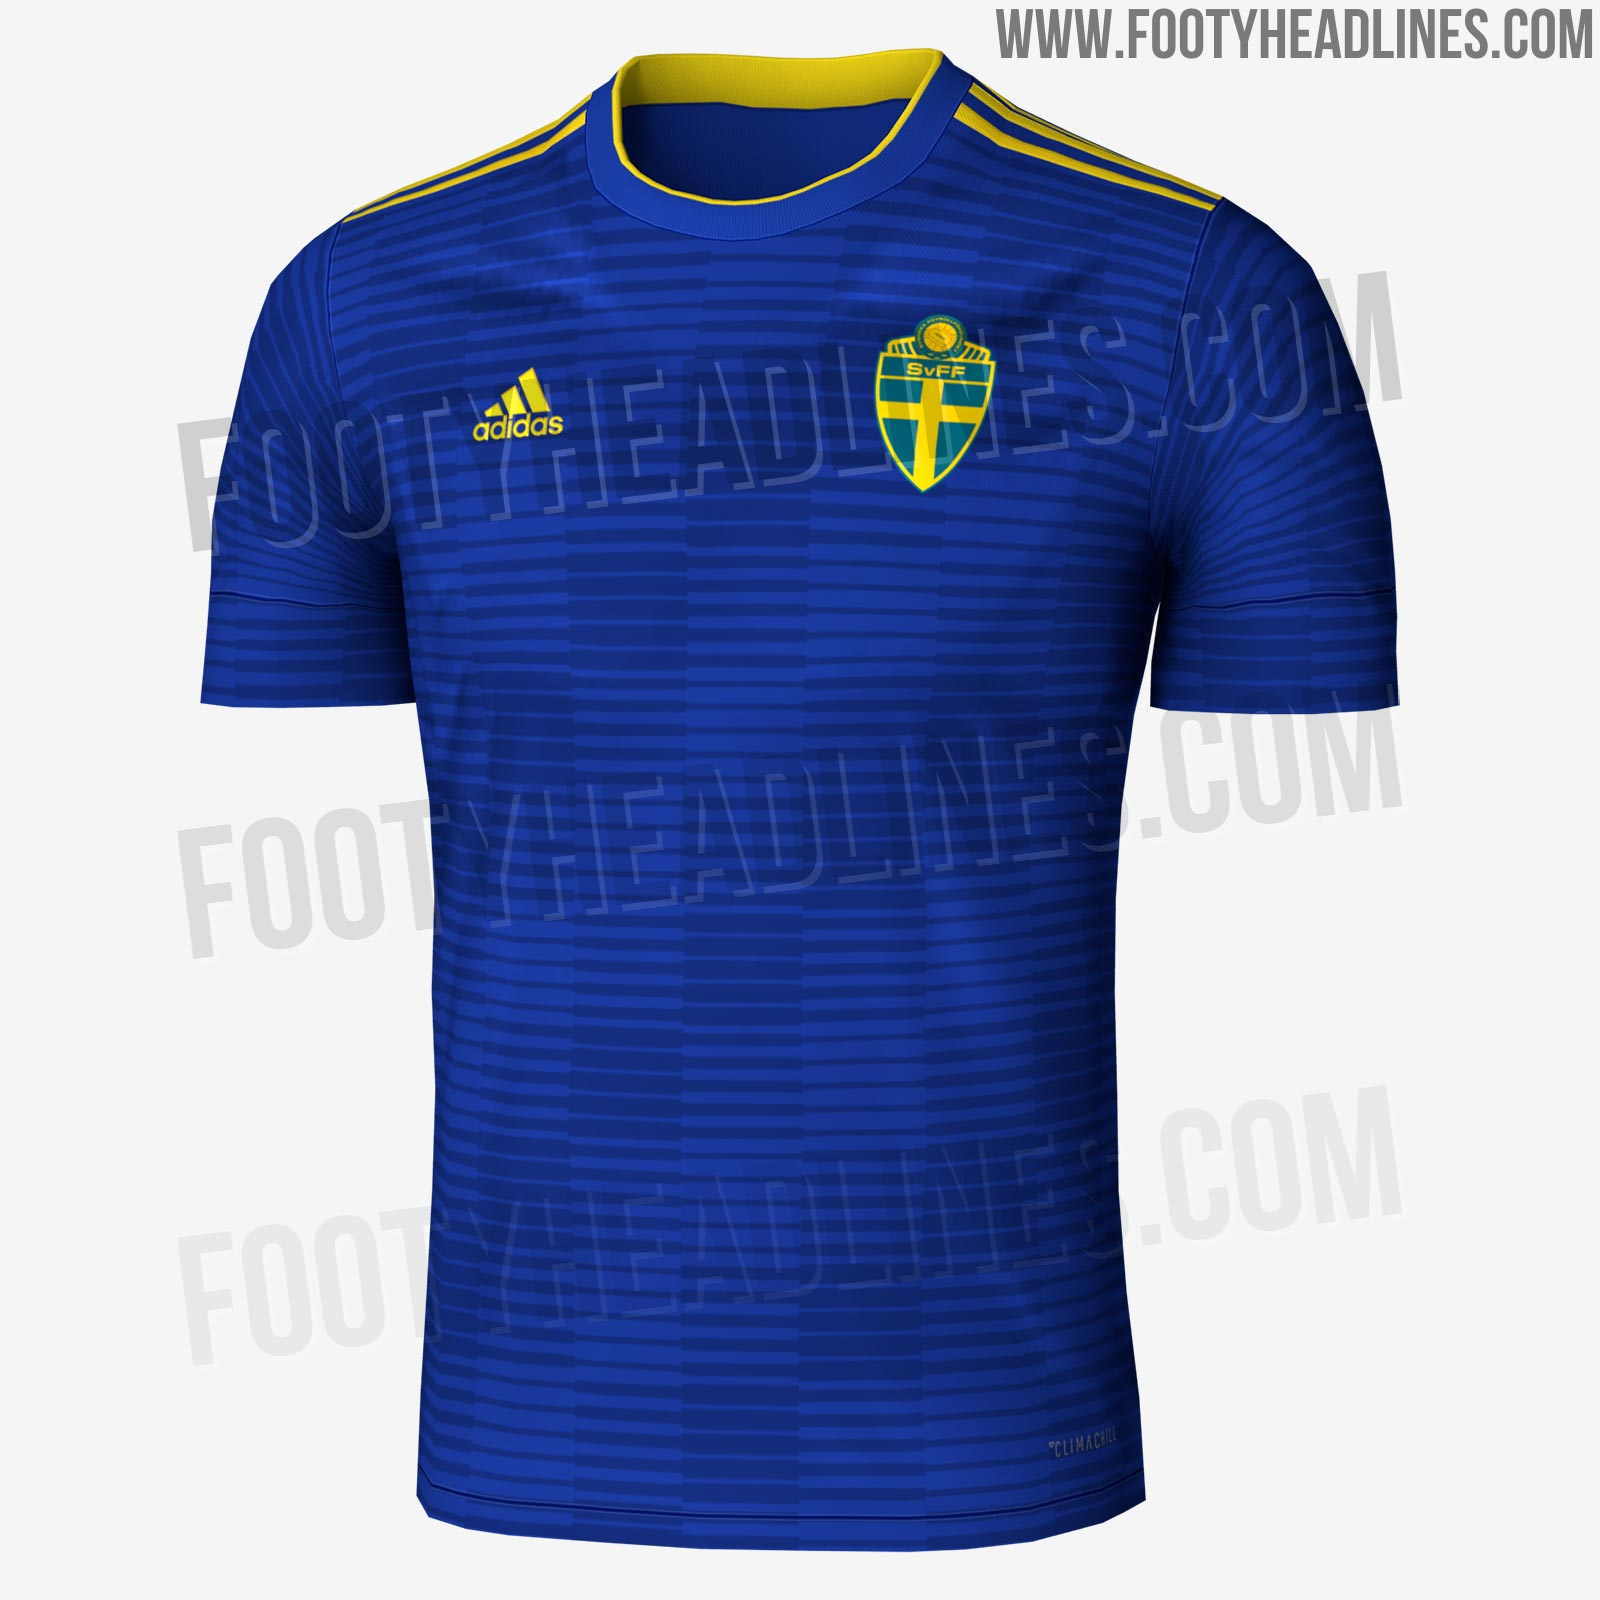 Uniforme reserva da Suécia para a Copa de 2018 (Reprodução Footy Headlines) 0079600d96ccf